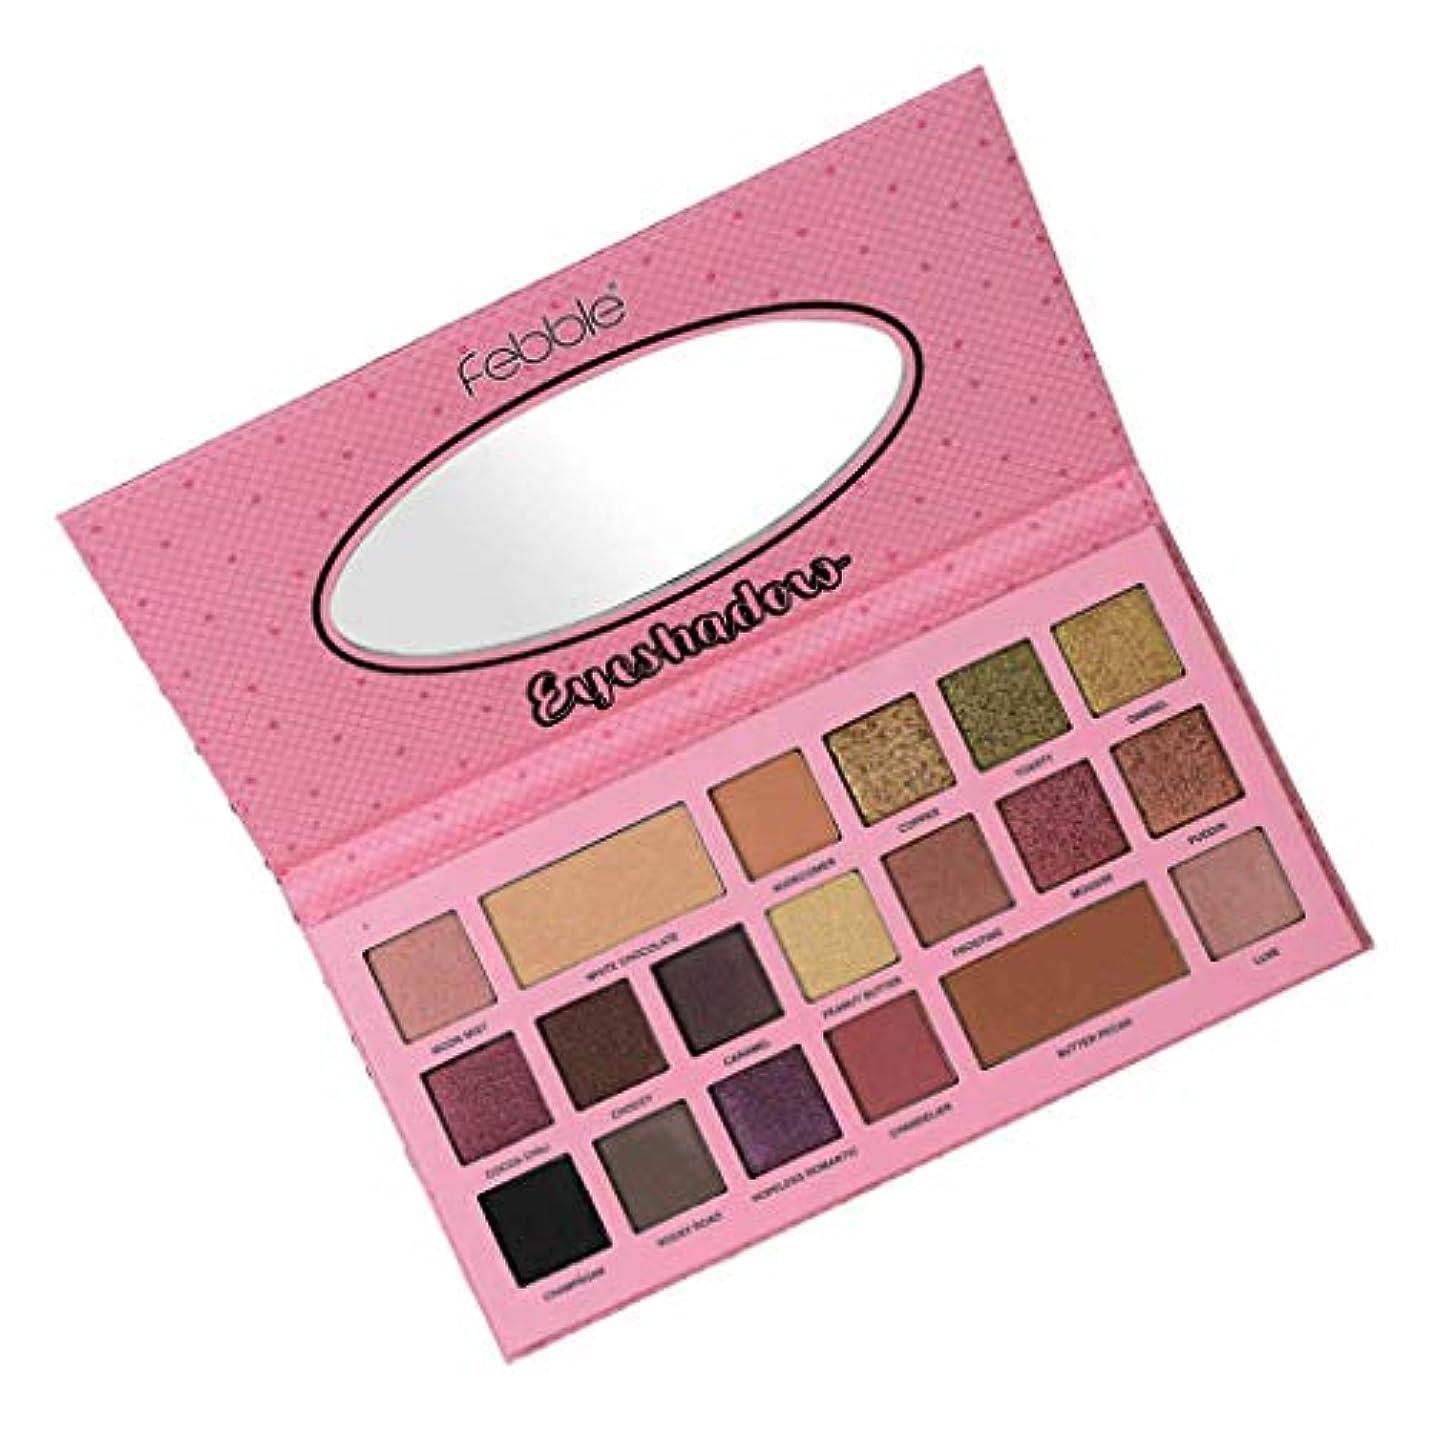 経由で産地つま先新化粧プロの化粧パウダーフェイスパウダーパネル輪郭色の化粧品